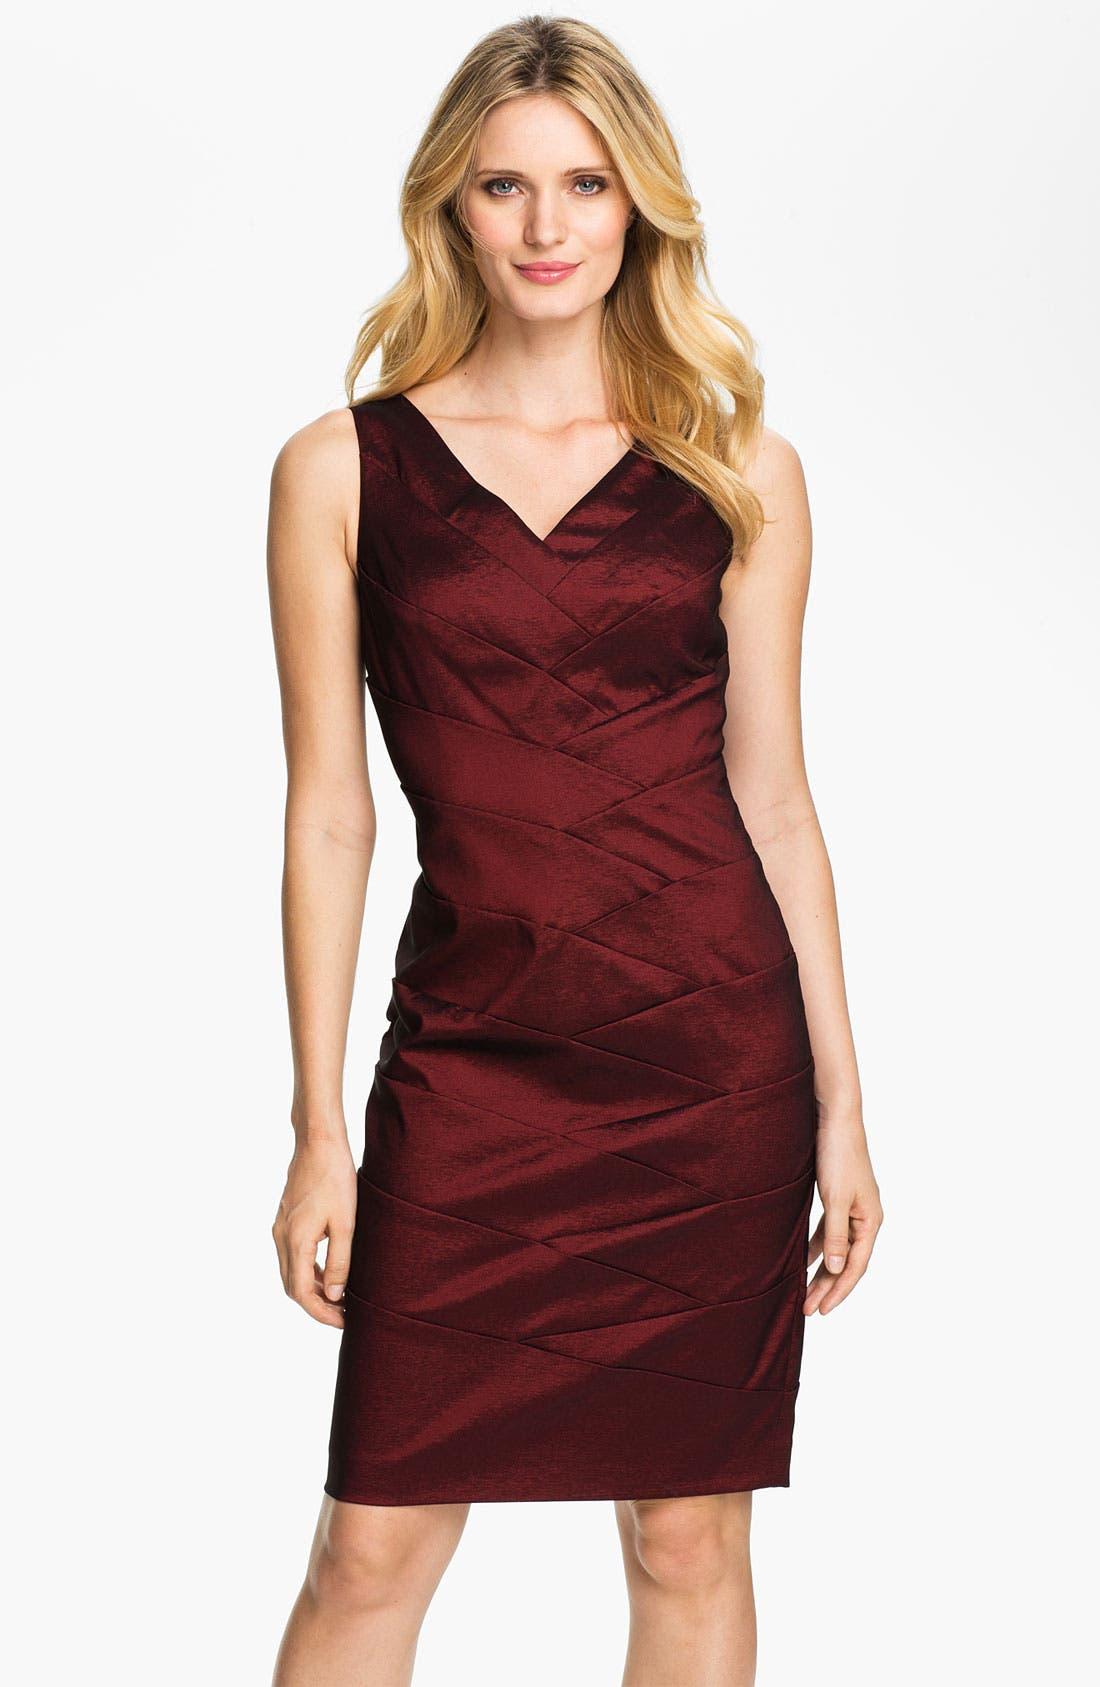 Alternate Image 1 Selected - Adrianna Papell V-Neck Shutter Tuck Sheath Dress